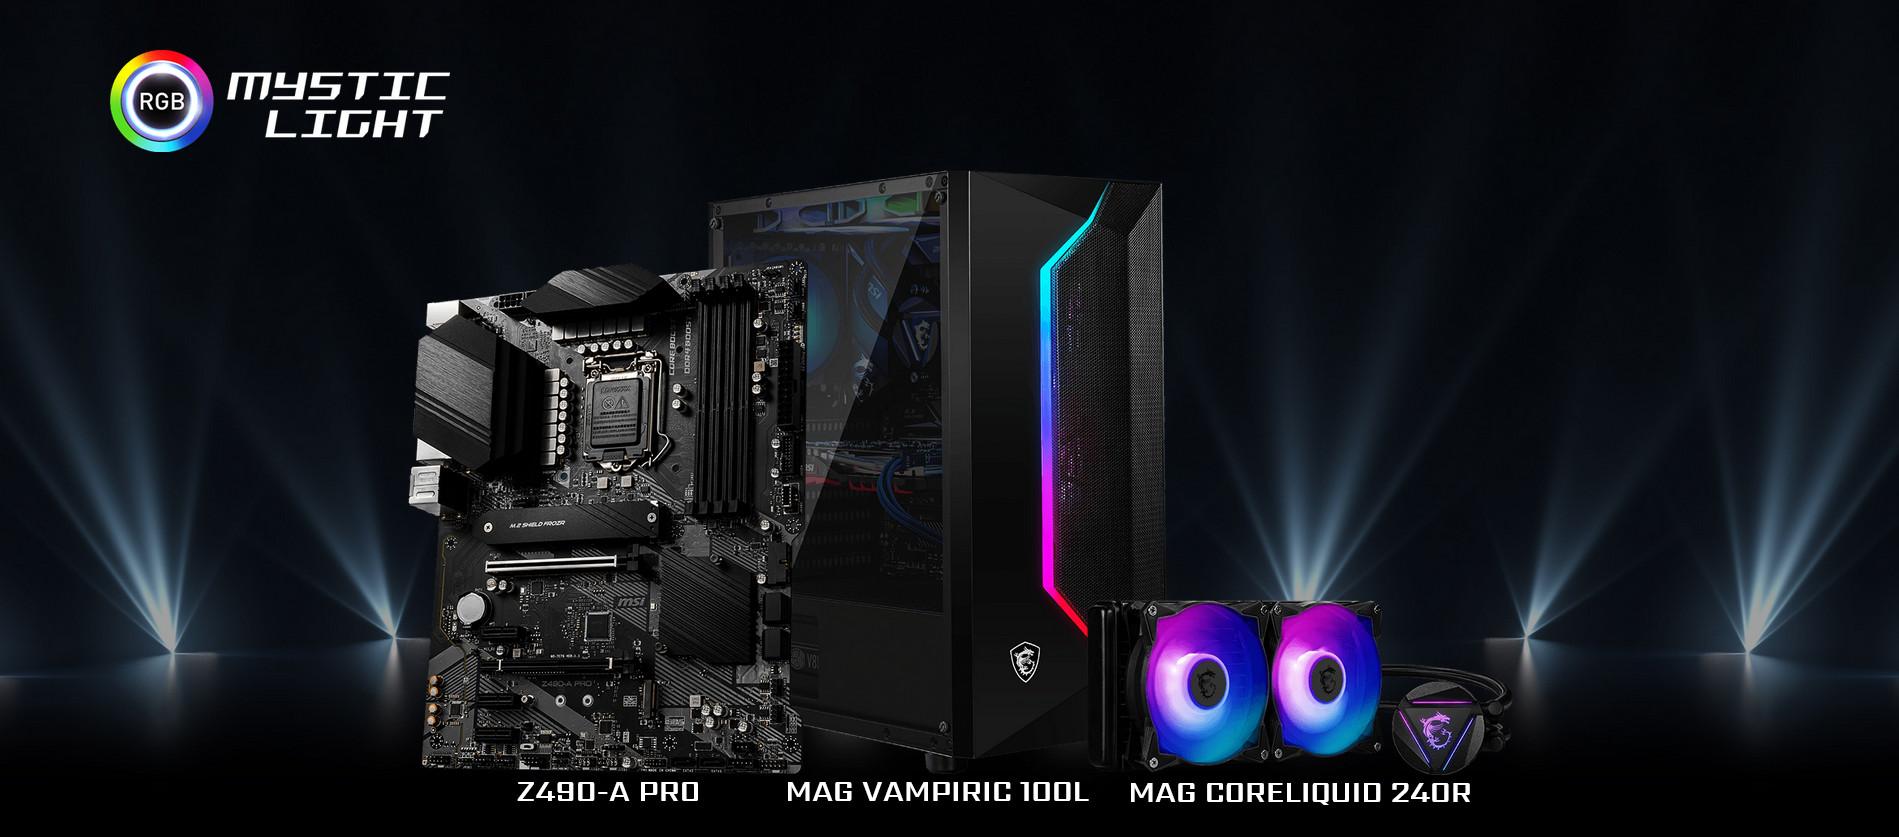 Vỏ Case MSI MAG VAMPIRIC 100L với khả năng đồng bộ màu RGB với mainboard qua mysticlight